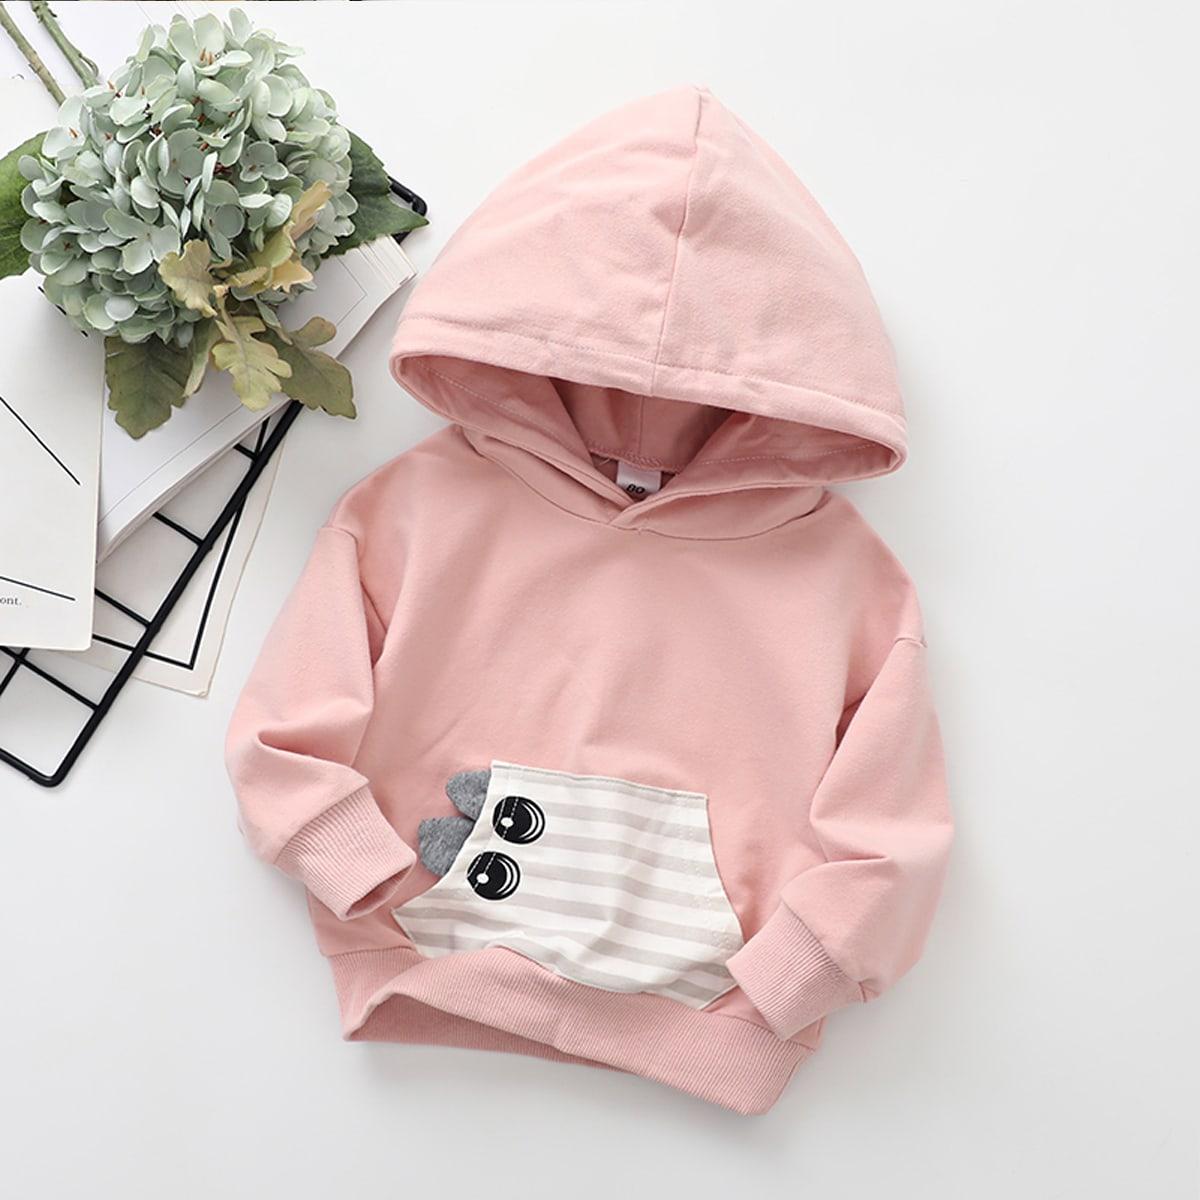 с карманами Полосатые изображения Повседневный Свитшоты для девочек